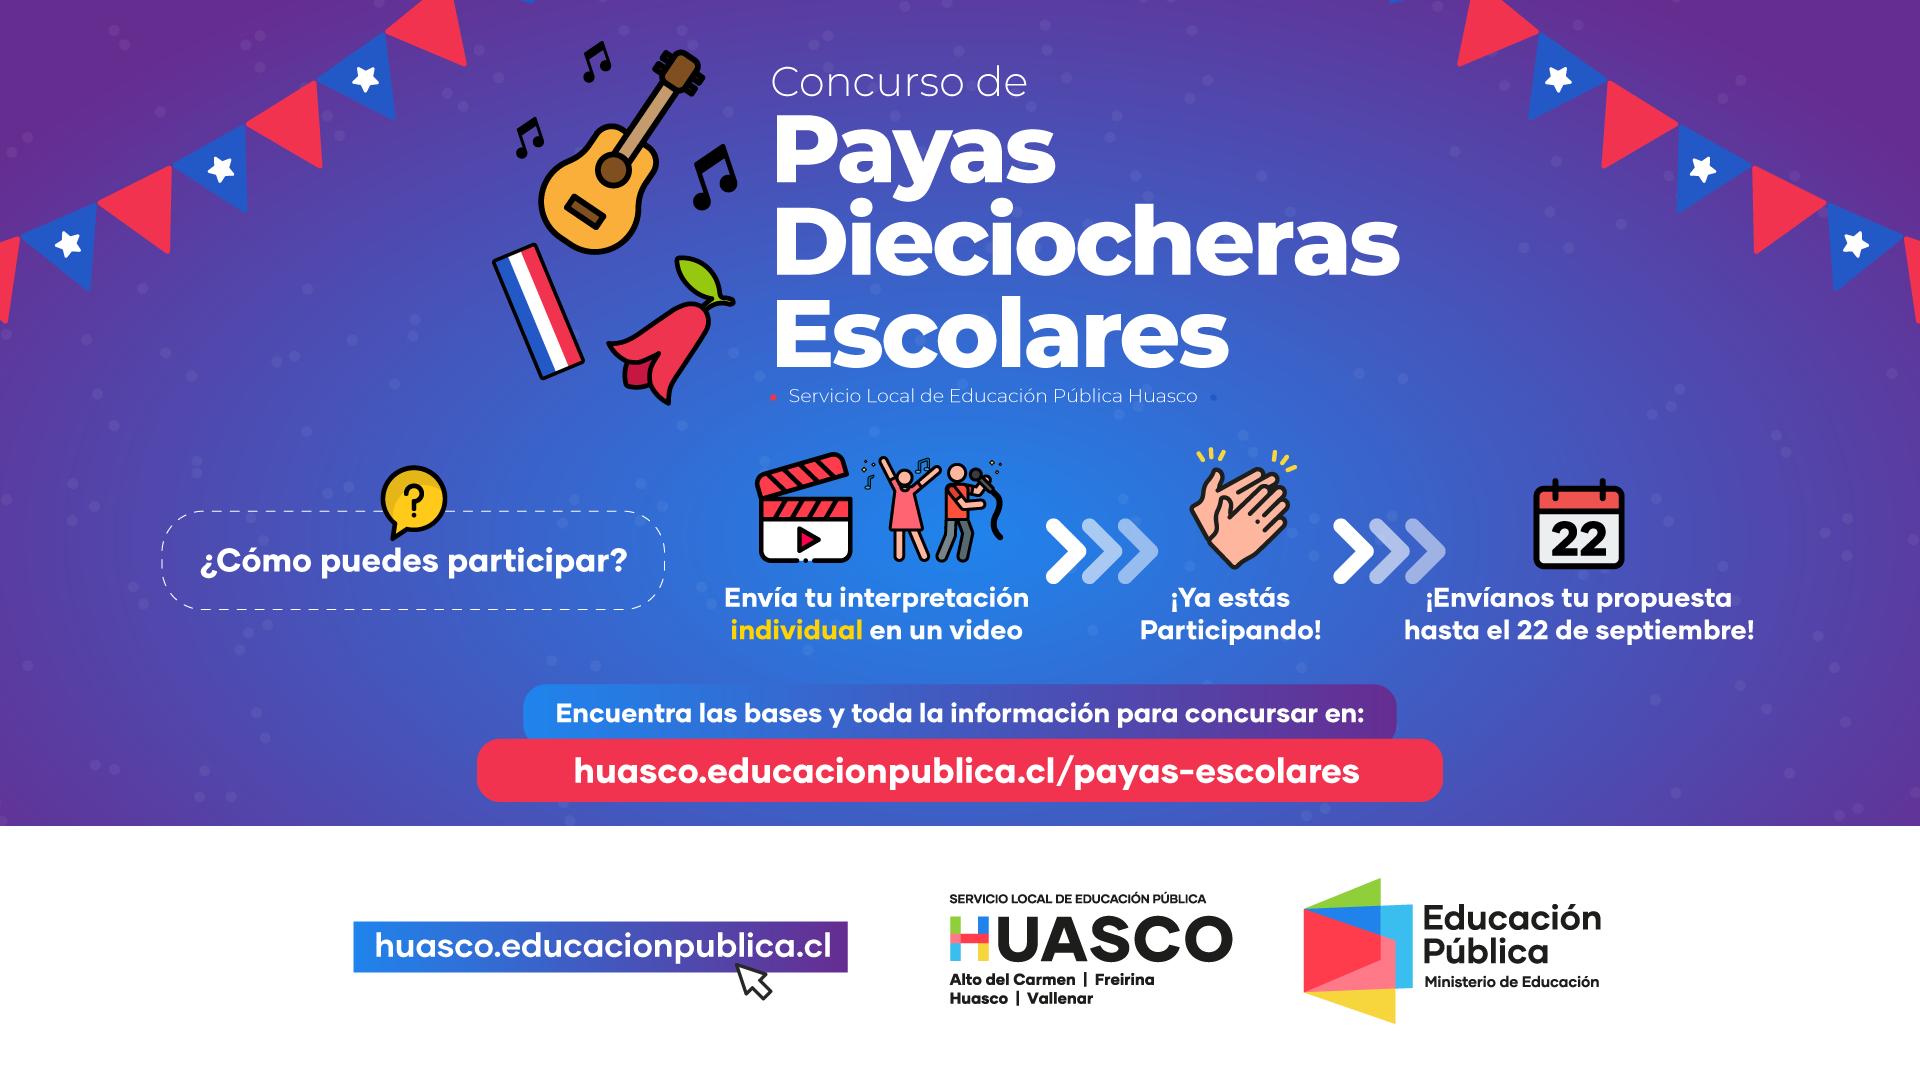 Servicio Local Huasco abre convocatoria para ser parte de concurso en Fiestas Patrias llamado Payas Dieciocheras Escolares